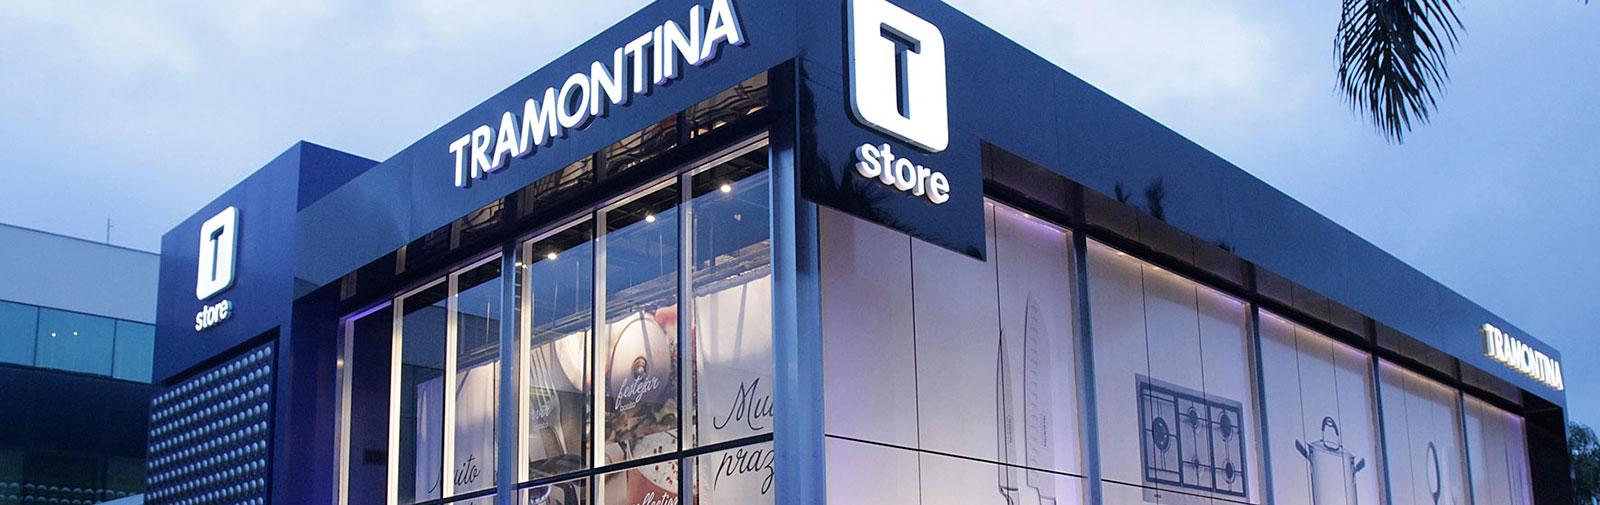 Tramontina Store